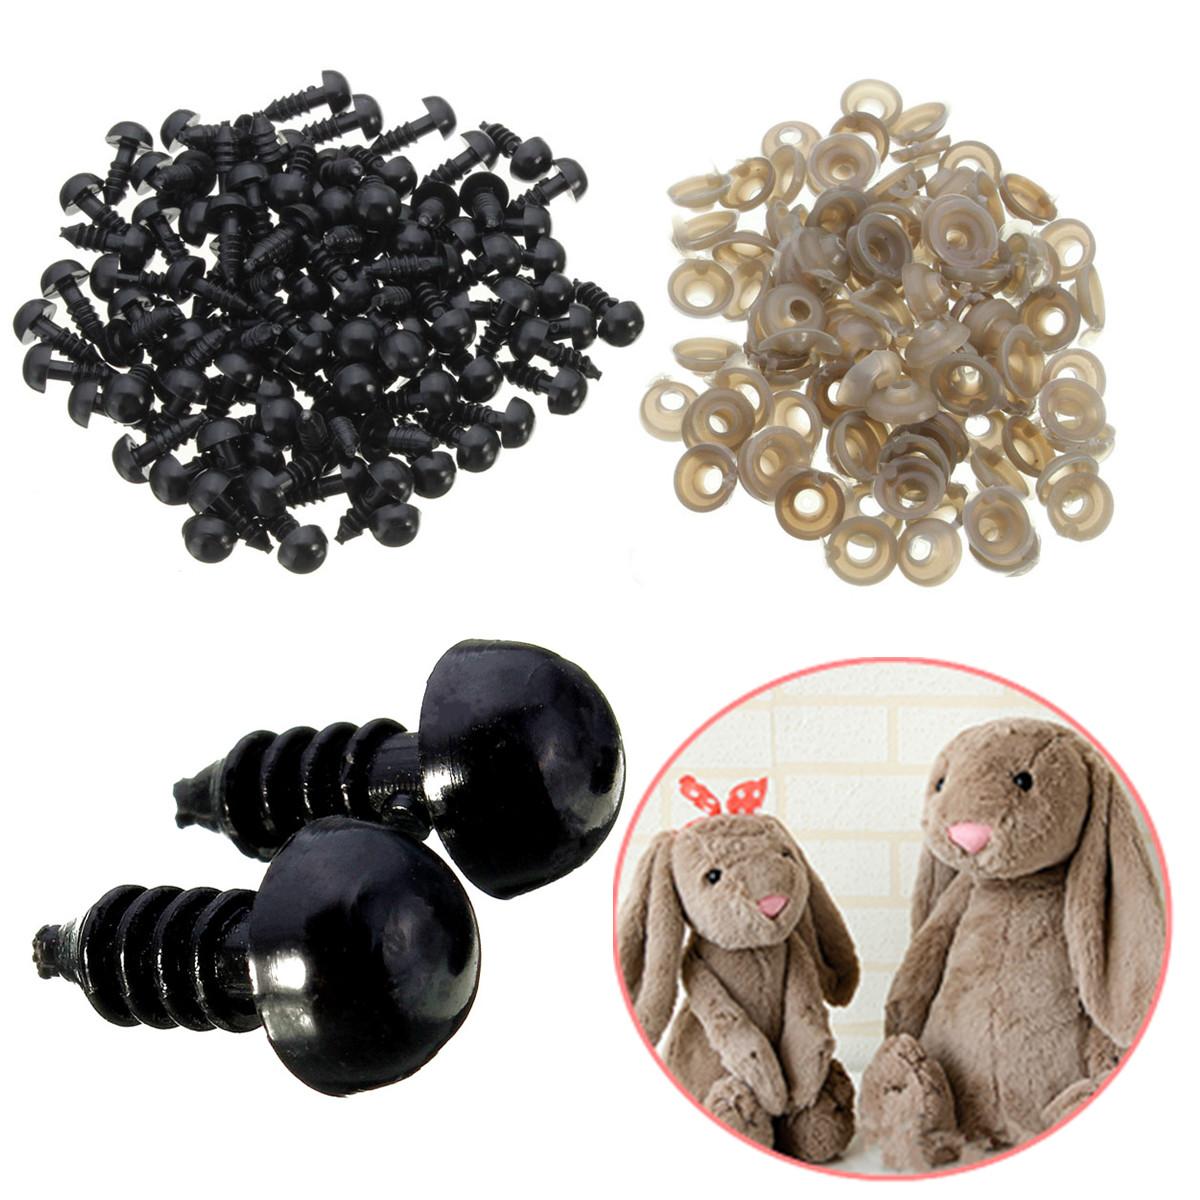 Шт игрушки глаз шайбы черные пластиковые защитные глаза для плюшевого мишки Кукла животных кукольный ремесла аксессуары